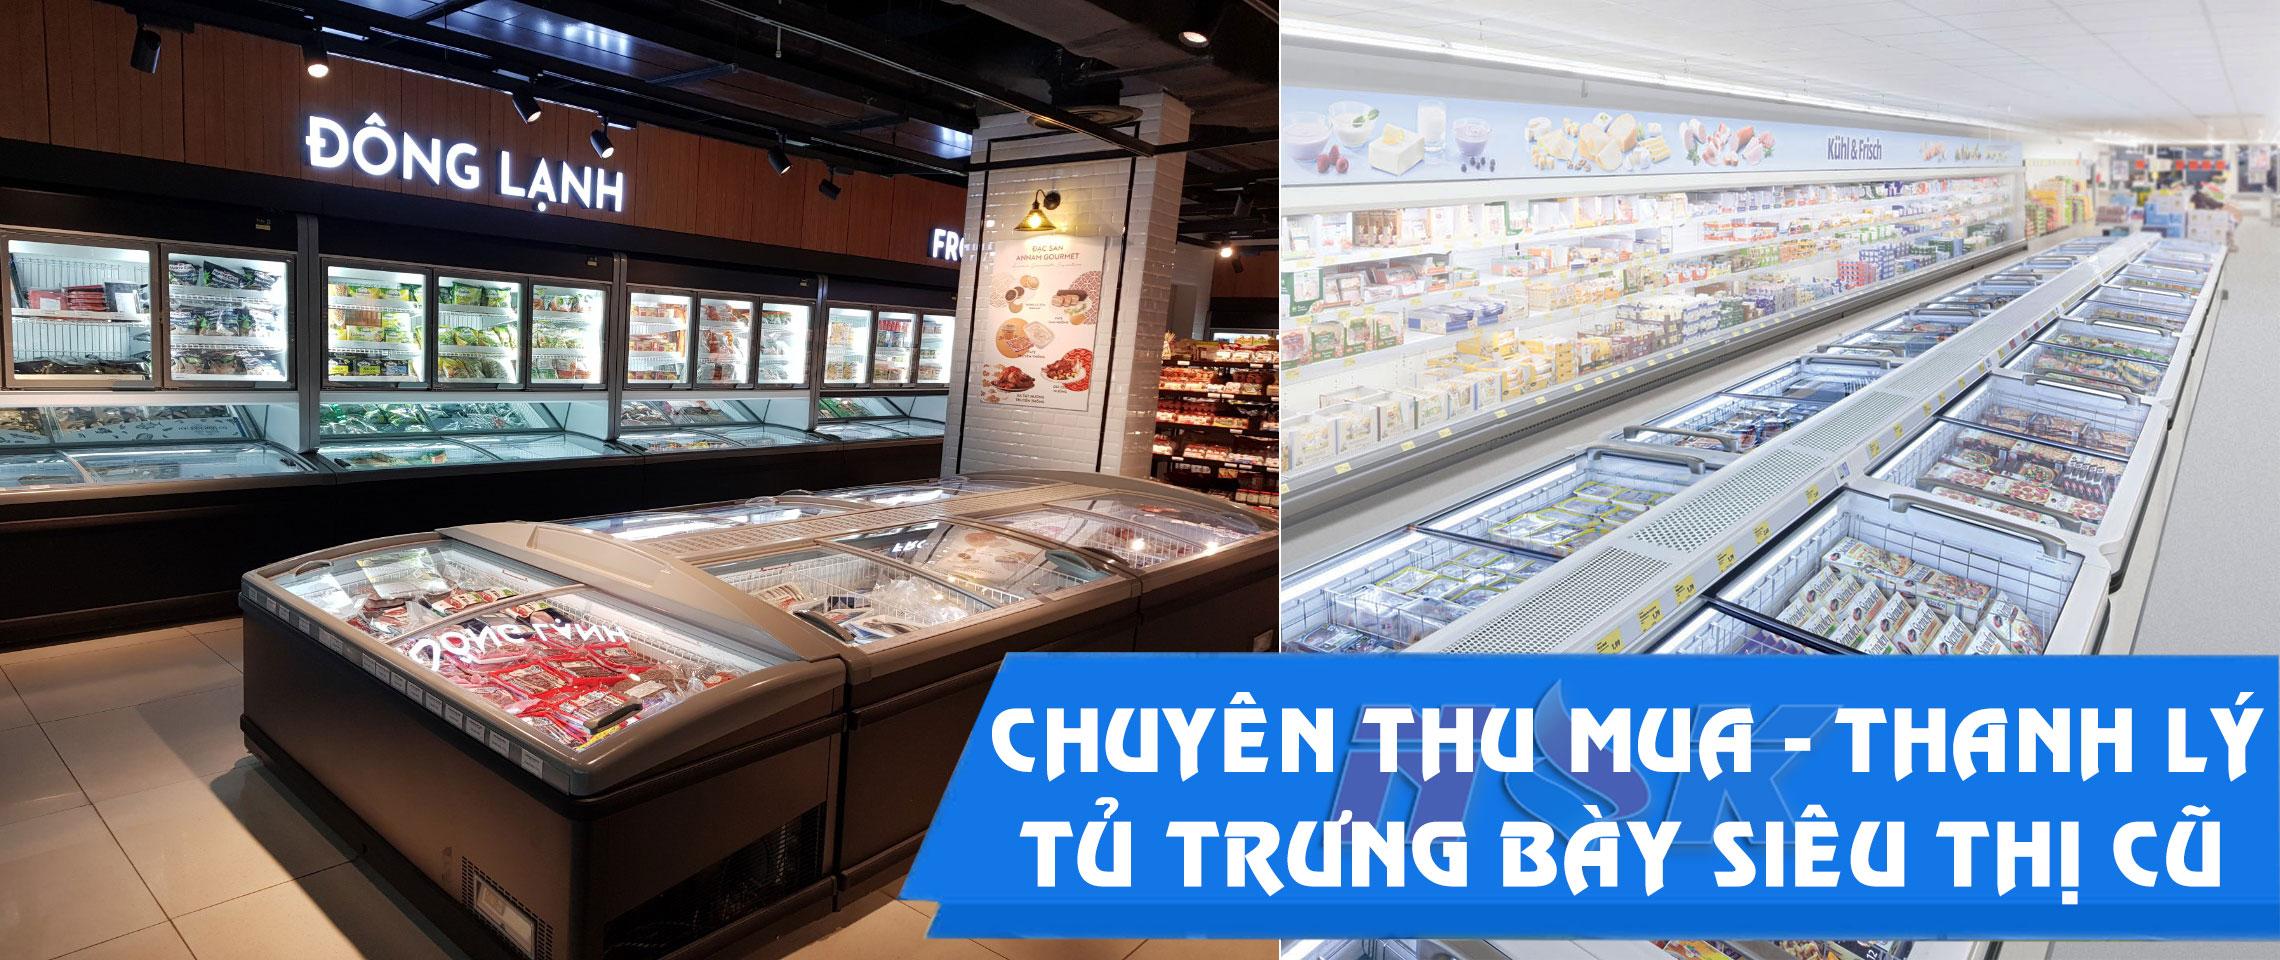 Thu mua, thanh lý tủ trưng bày siêu thị